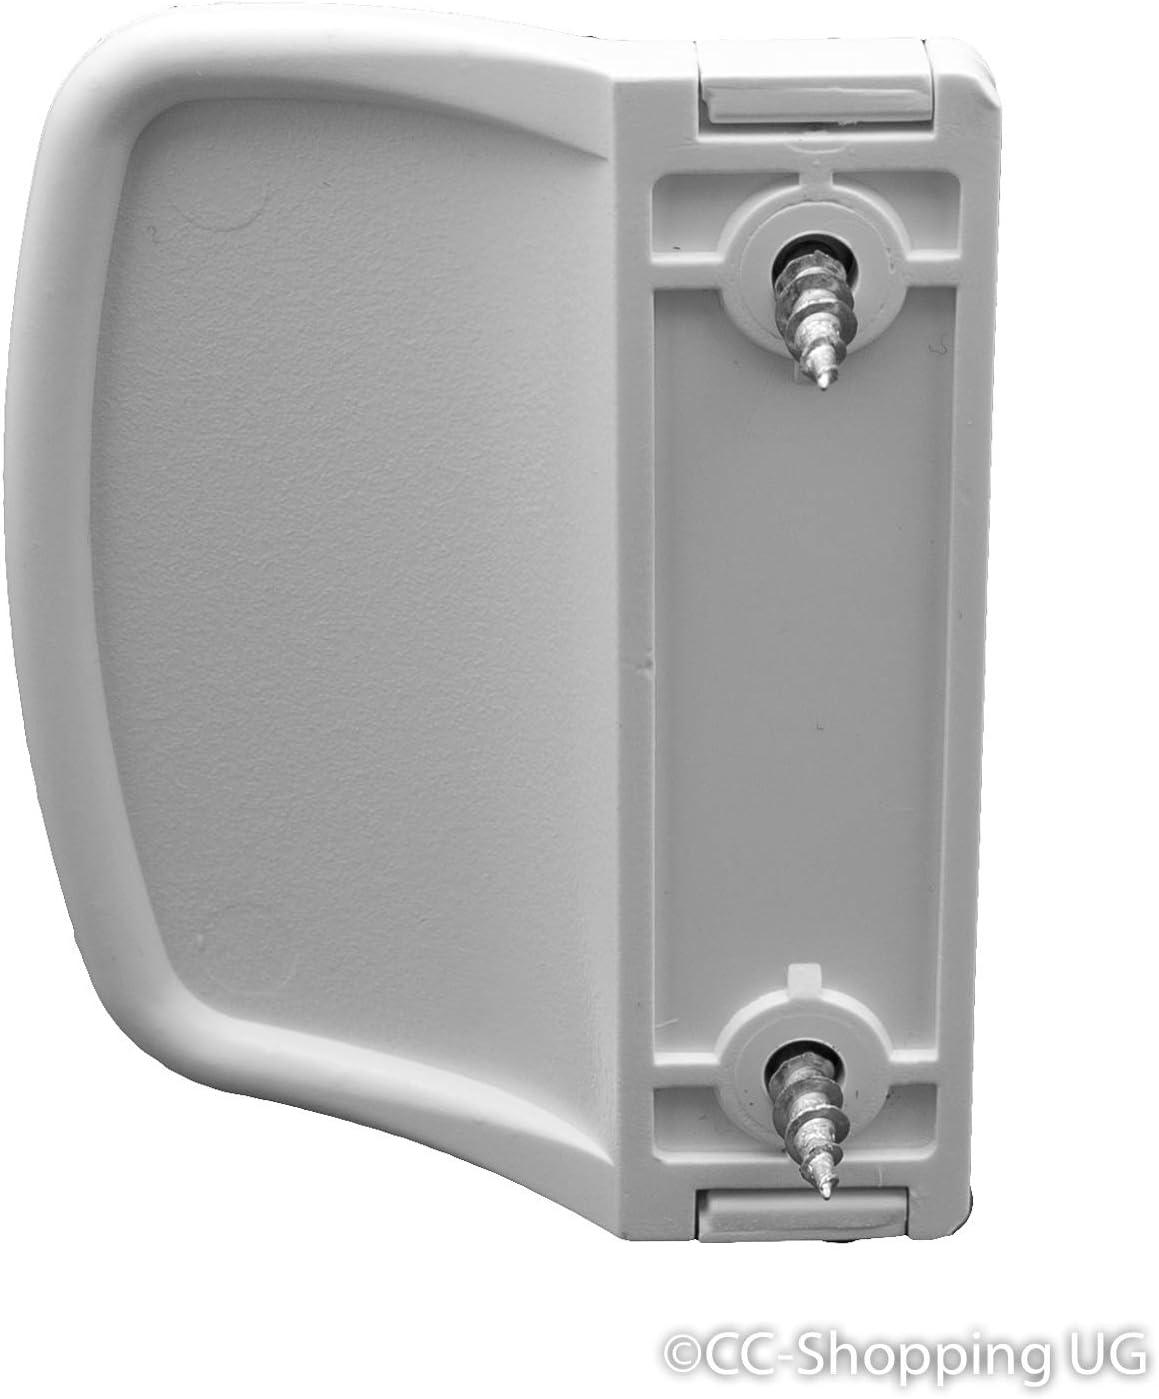 CC-Shopping 911 Poign/ée de Porte de Balcon Arrondie avec 2 vis de Montage incluses 70 x 55 x 20 mm 70x55x20 mm blanc